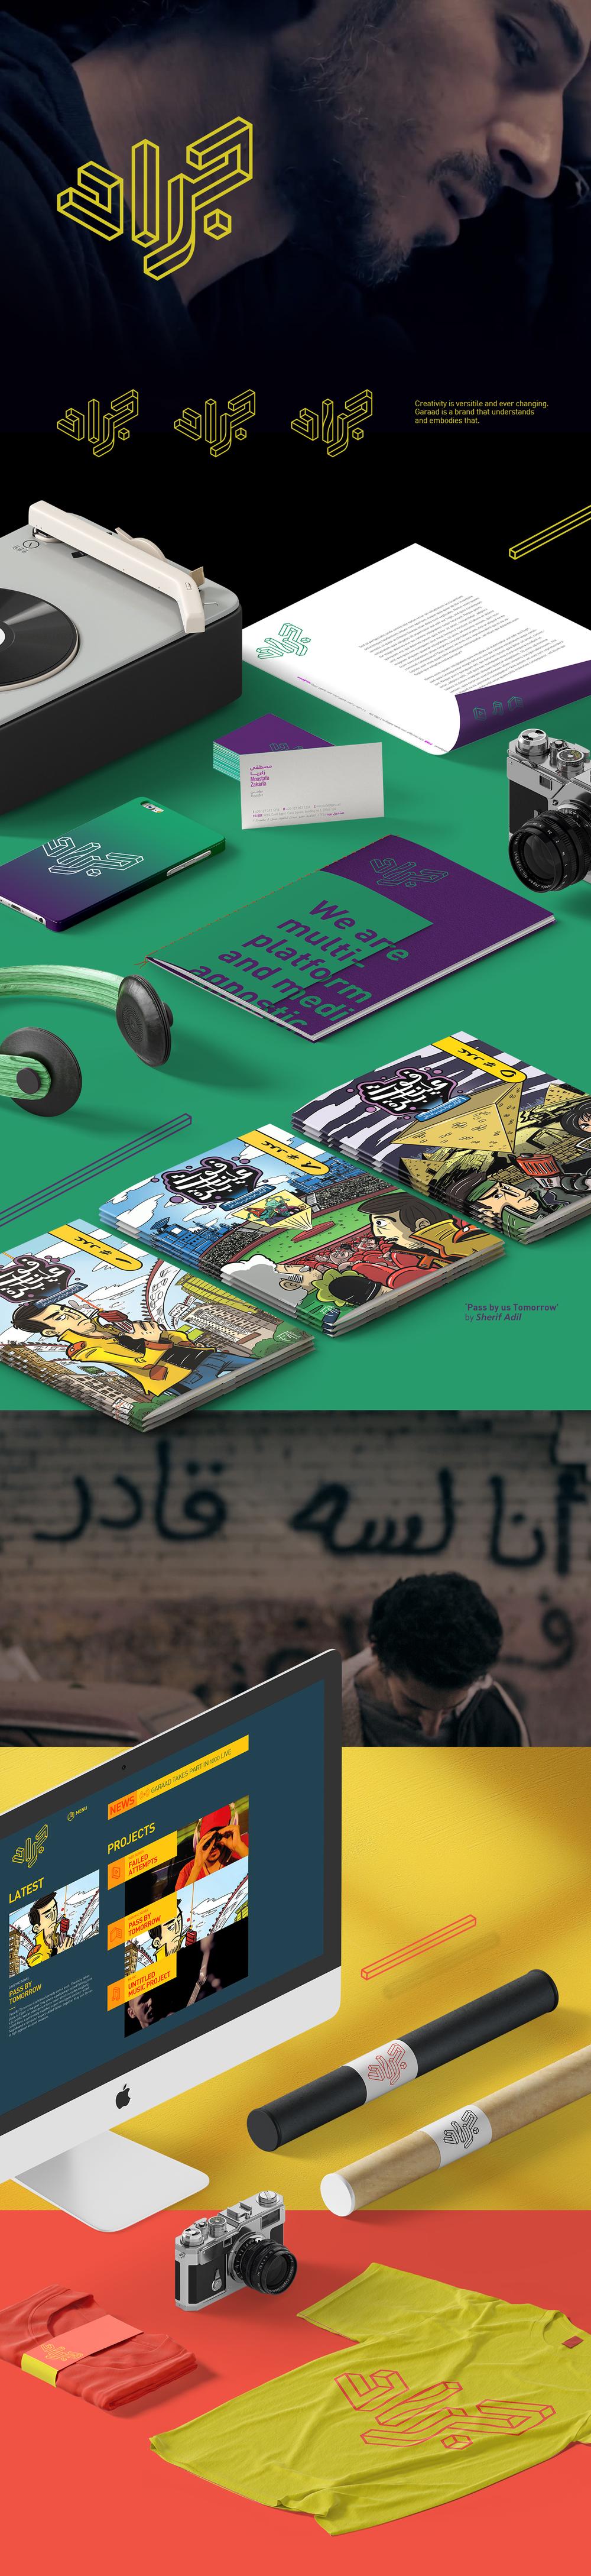 garaad-board-02-01.jpg